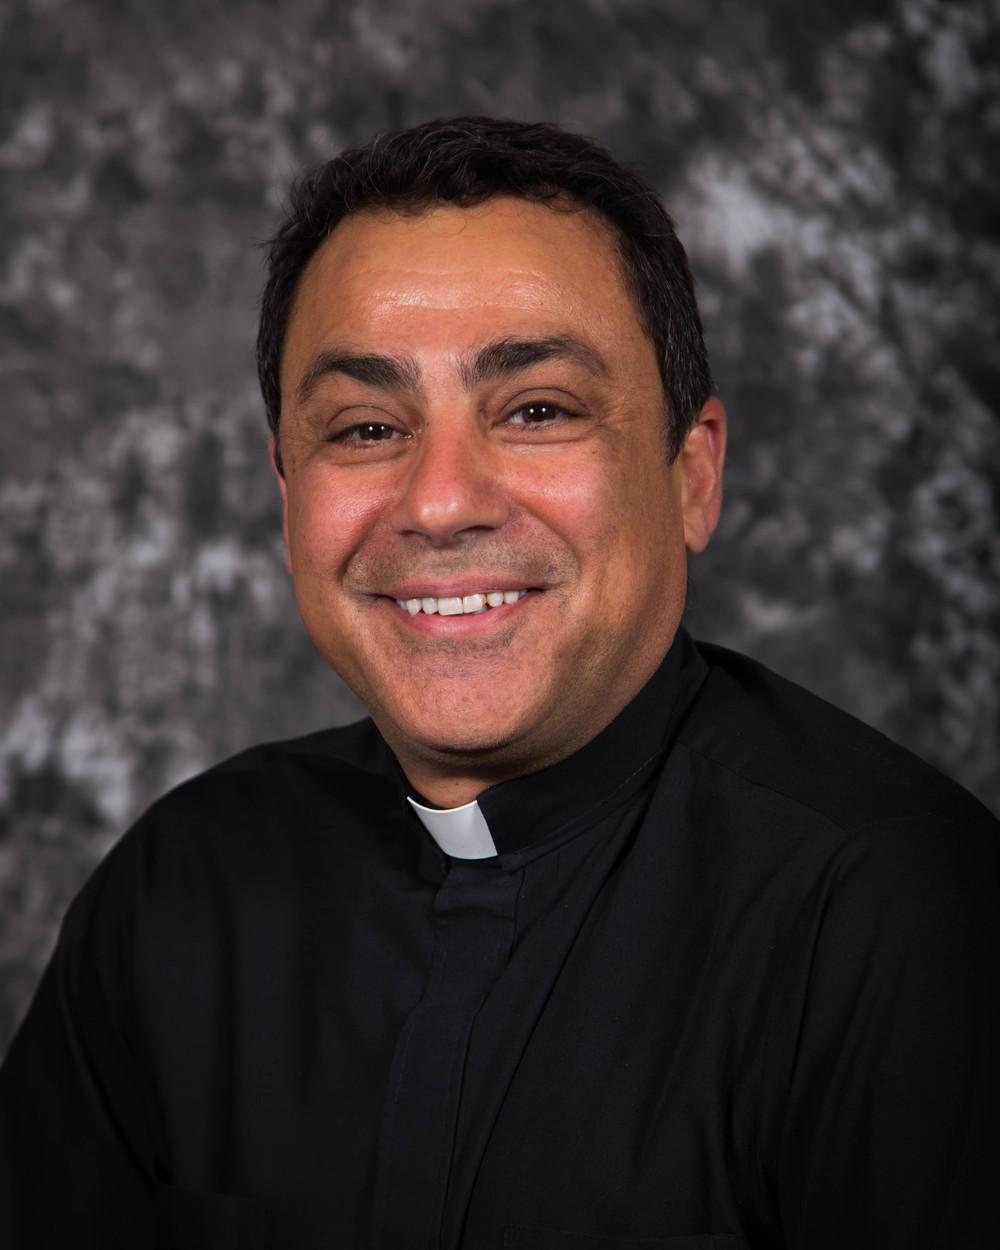 The Rev. Anthony Vaccaro